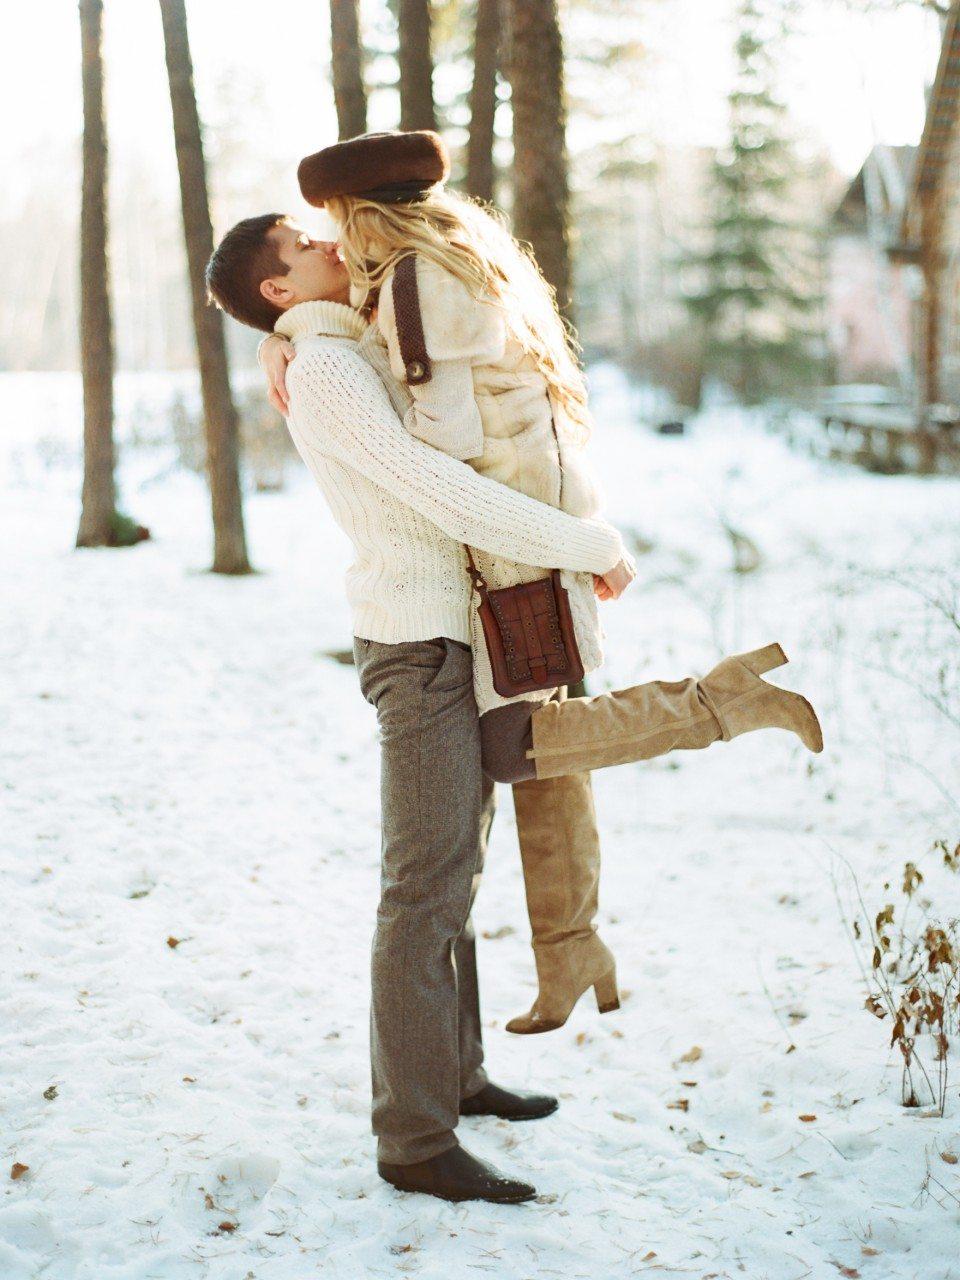 Романтика русской зимы: стилизованная съемка